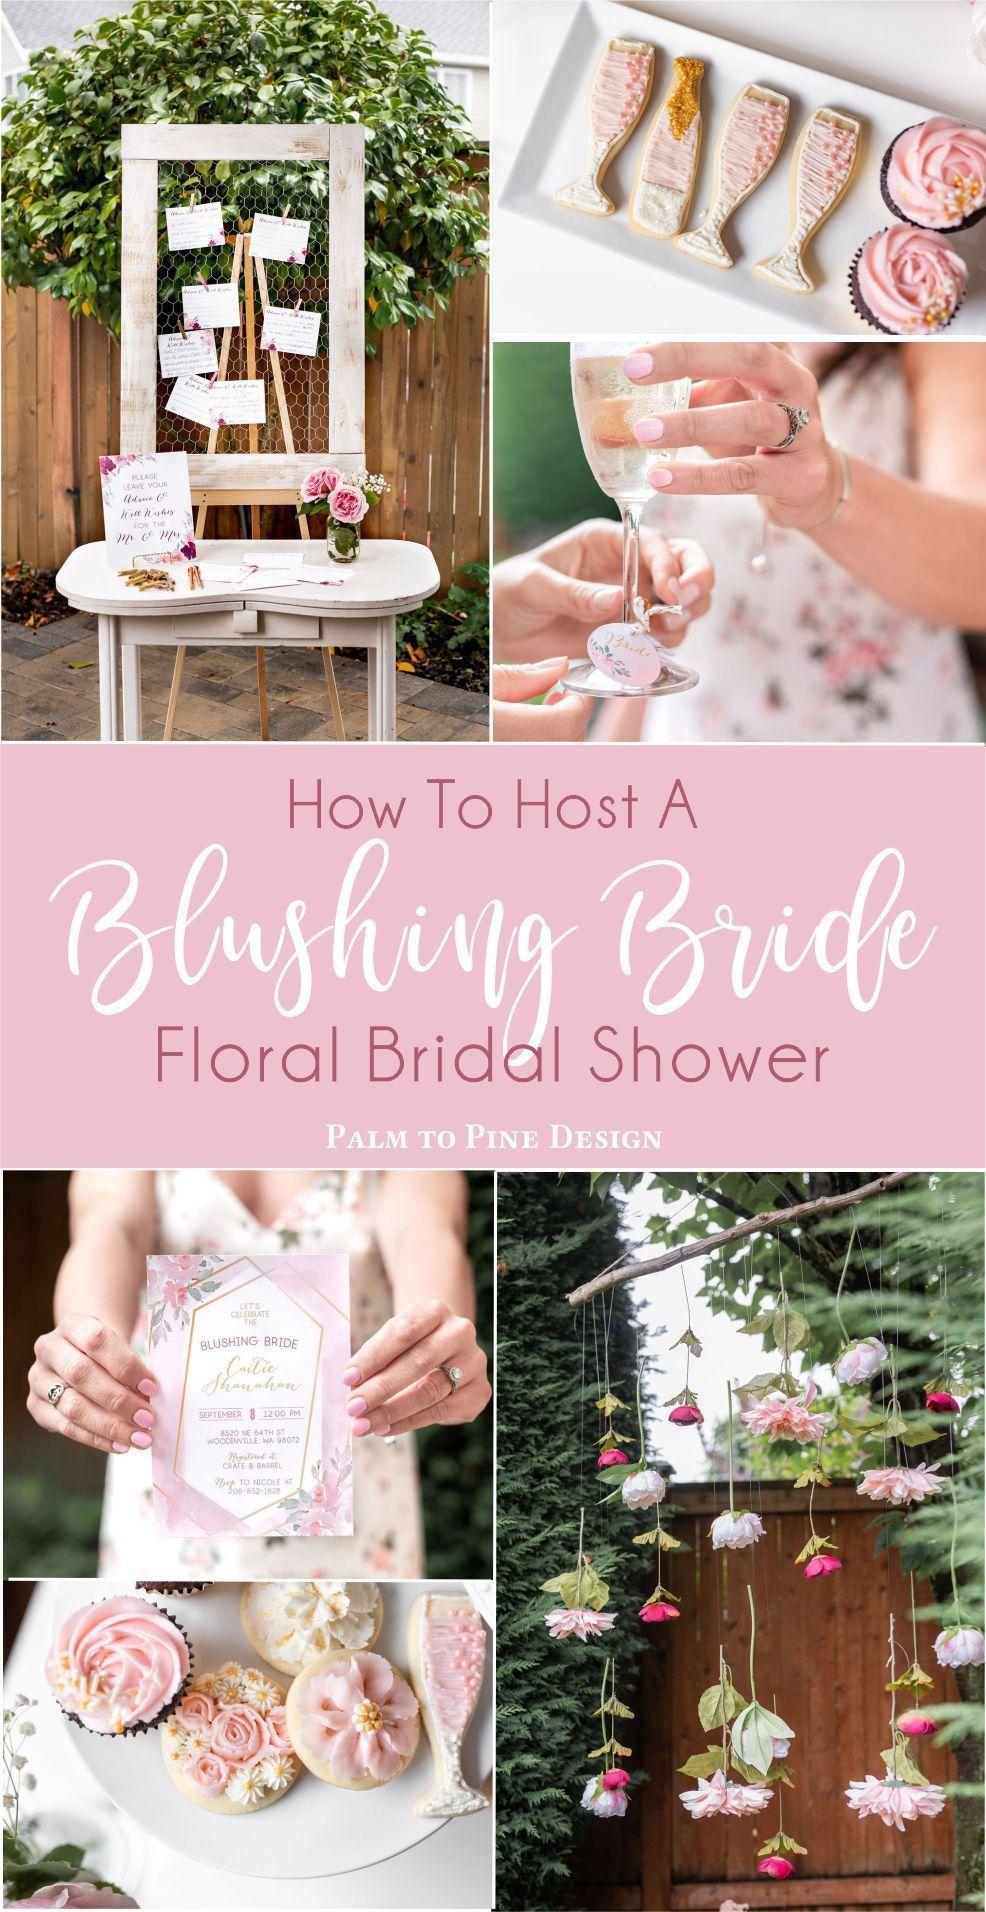 Blushing Bride Bridal Shower | Floral Bridal Shower | Champagne Wall | Rosé Bridal Shower